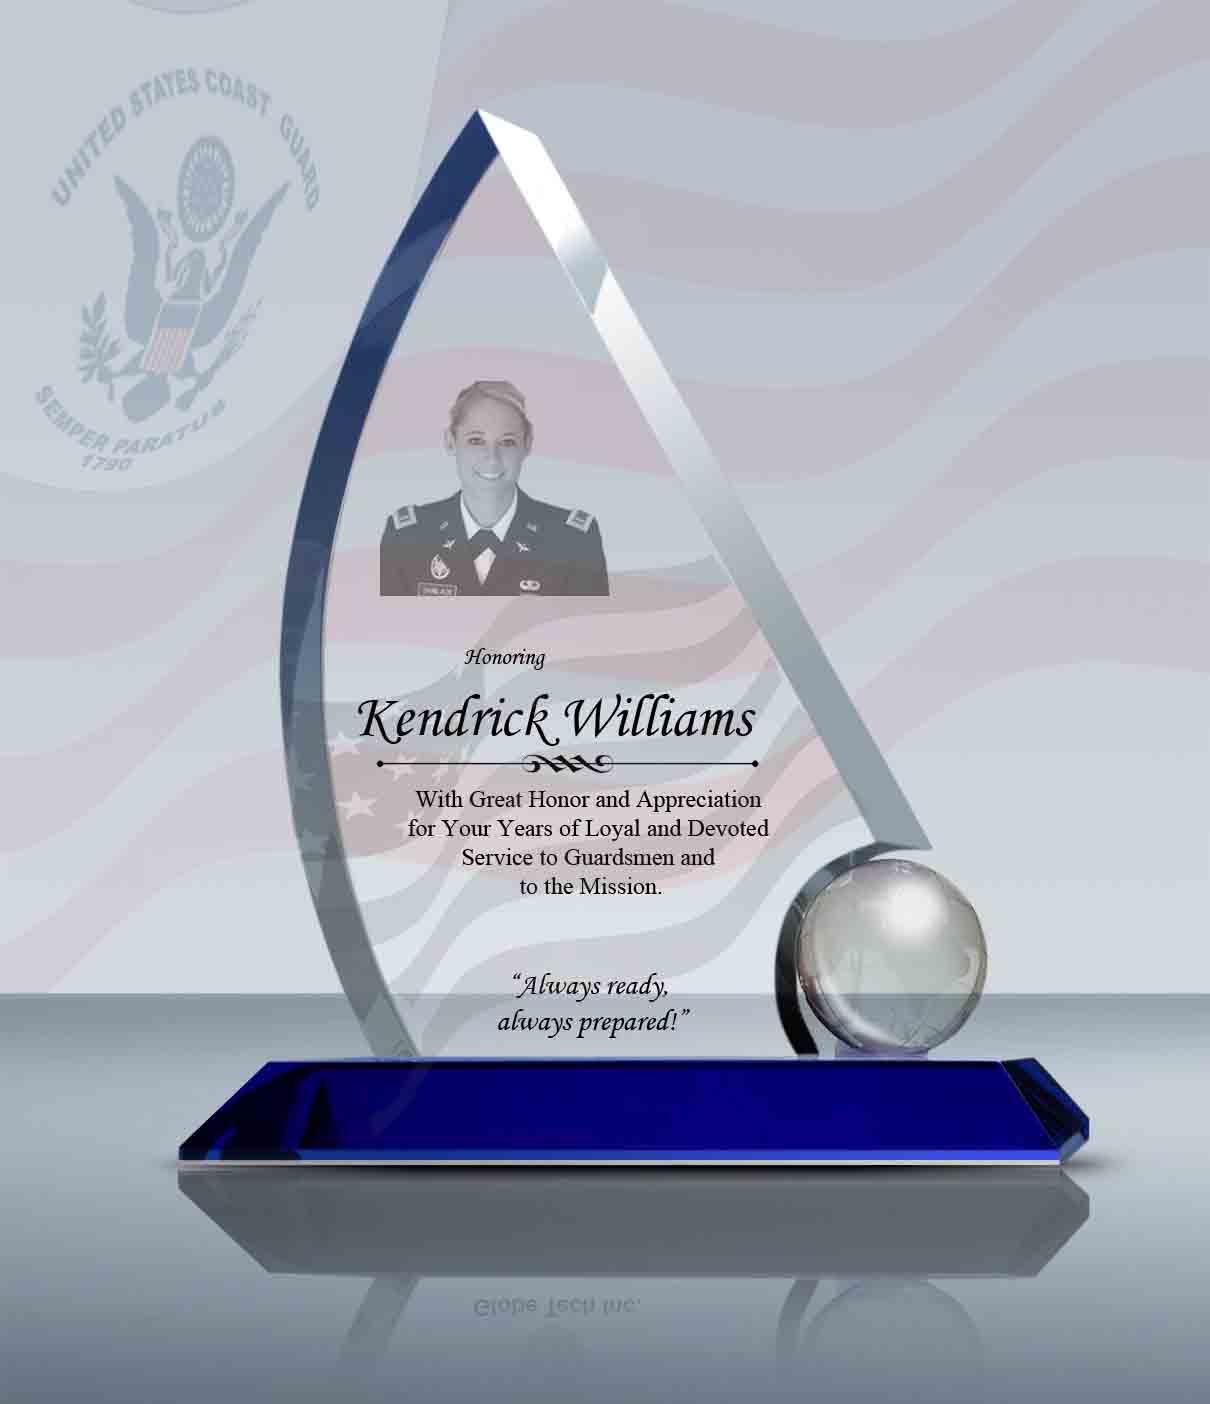 Coast Guard Gift – Crystal Sailing Award (013) – Goodcount